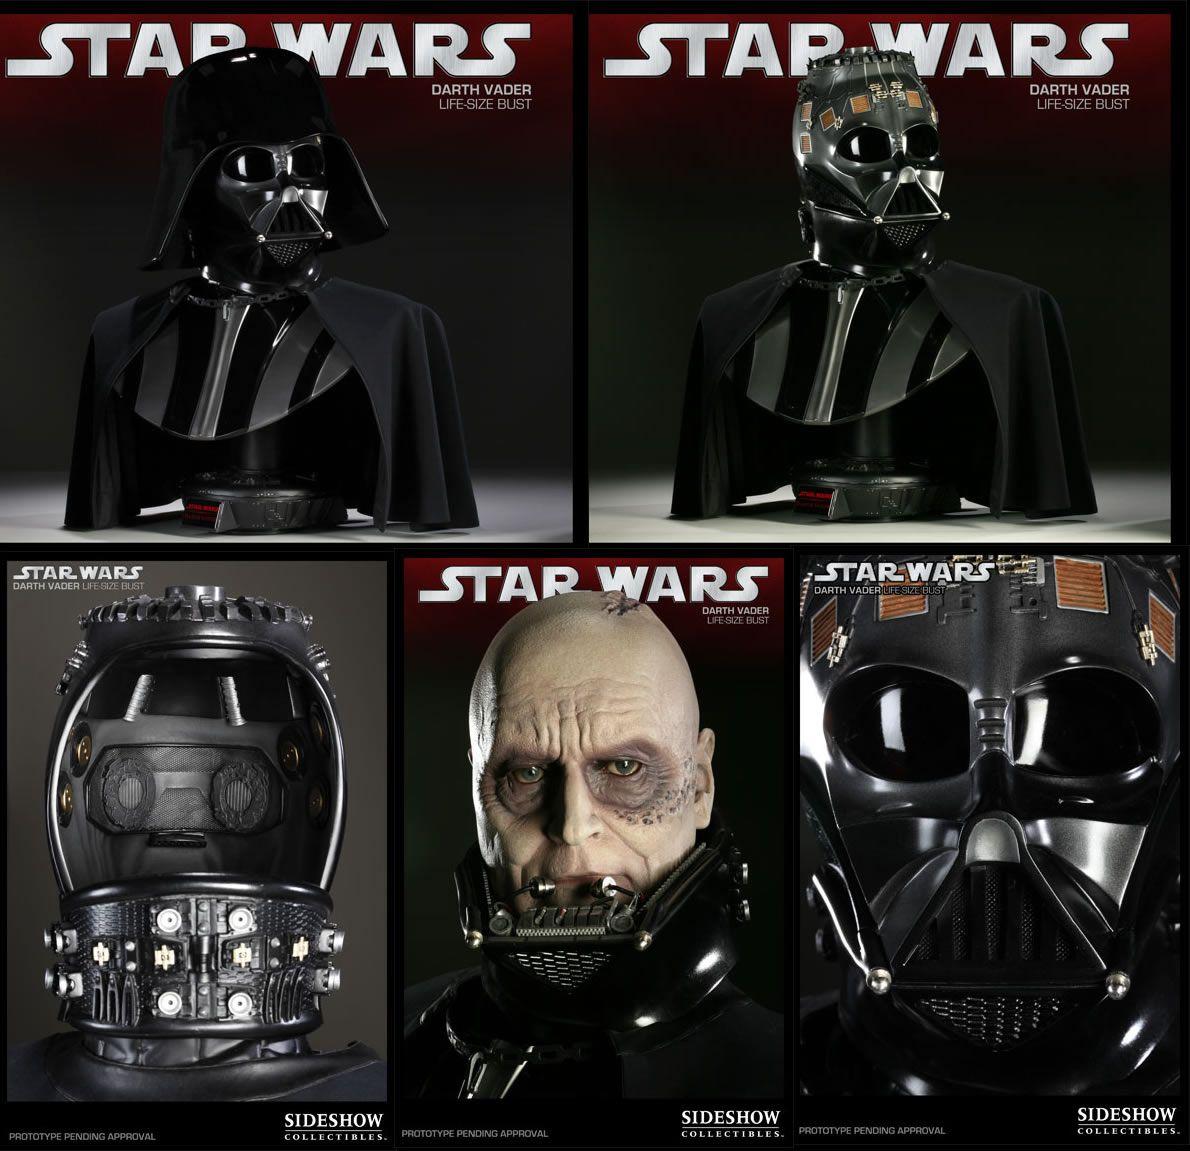 Dart Vader Jpg 1190 1151 Darth Vader Life Size Star Wars